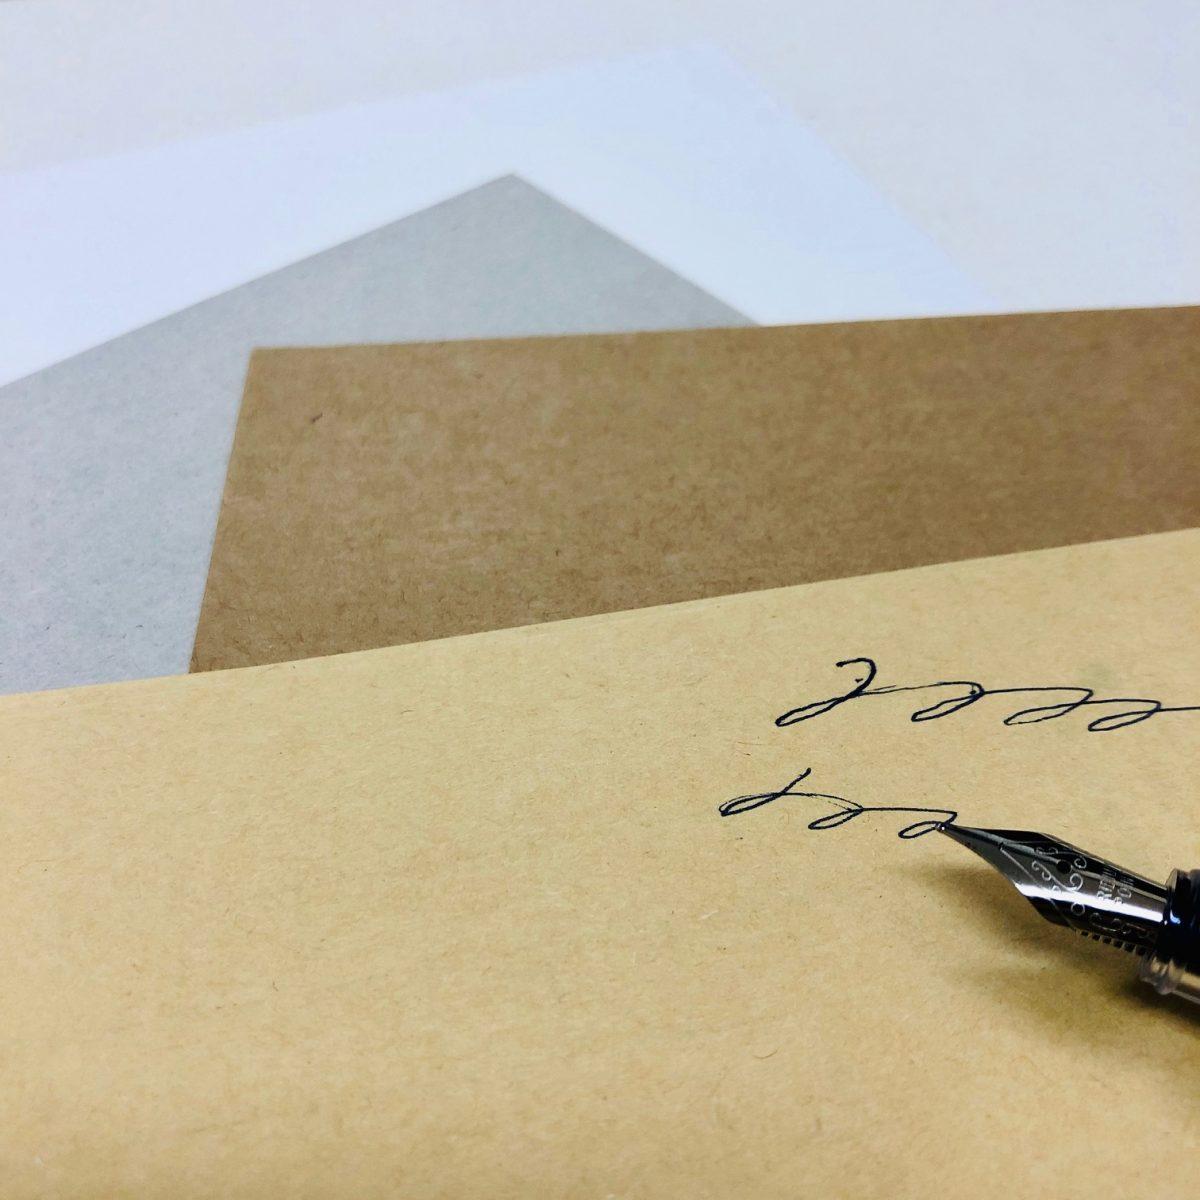 本文用紙:特殊紙